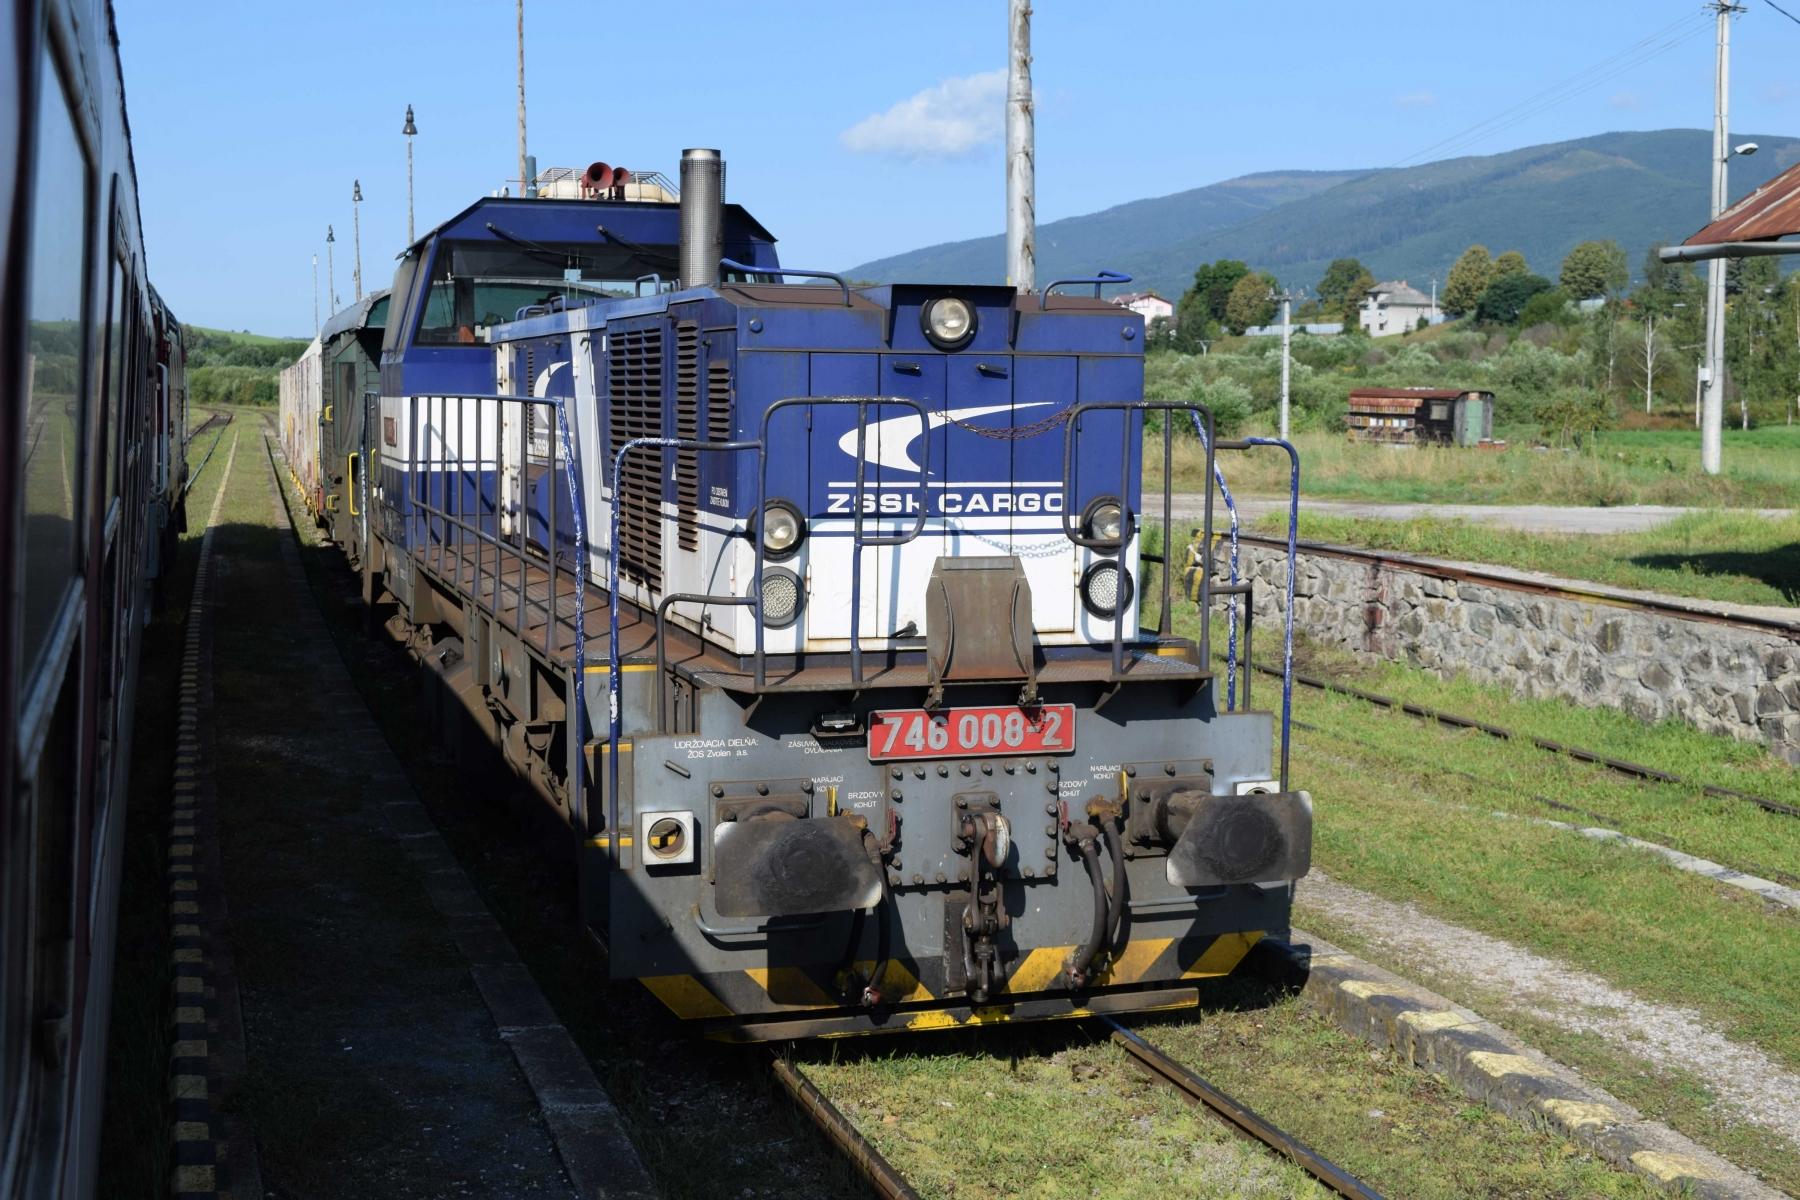 ZSSK 746